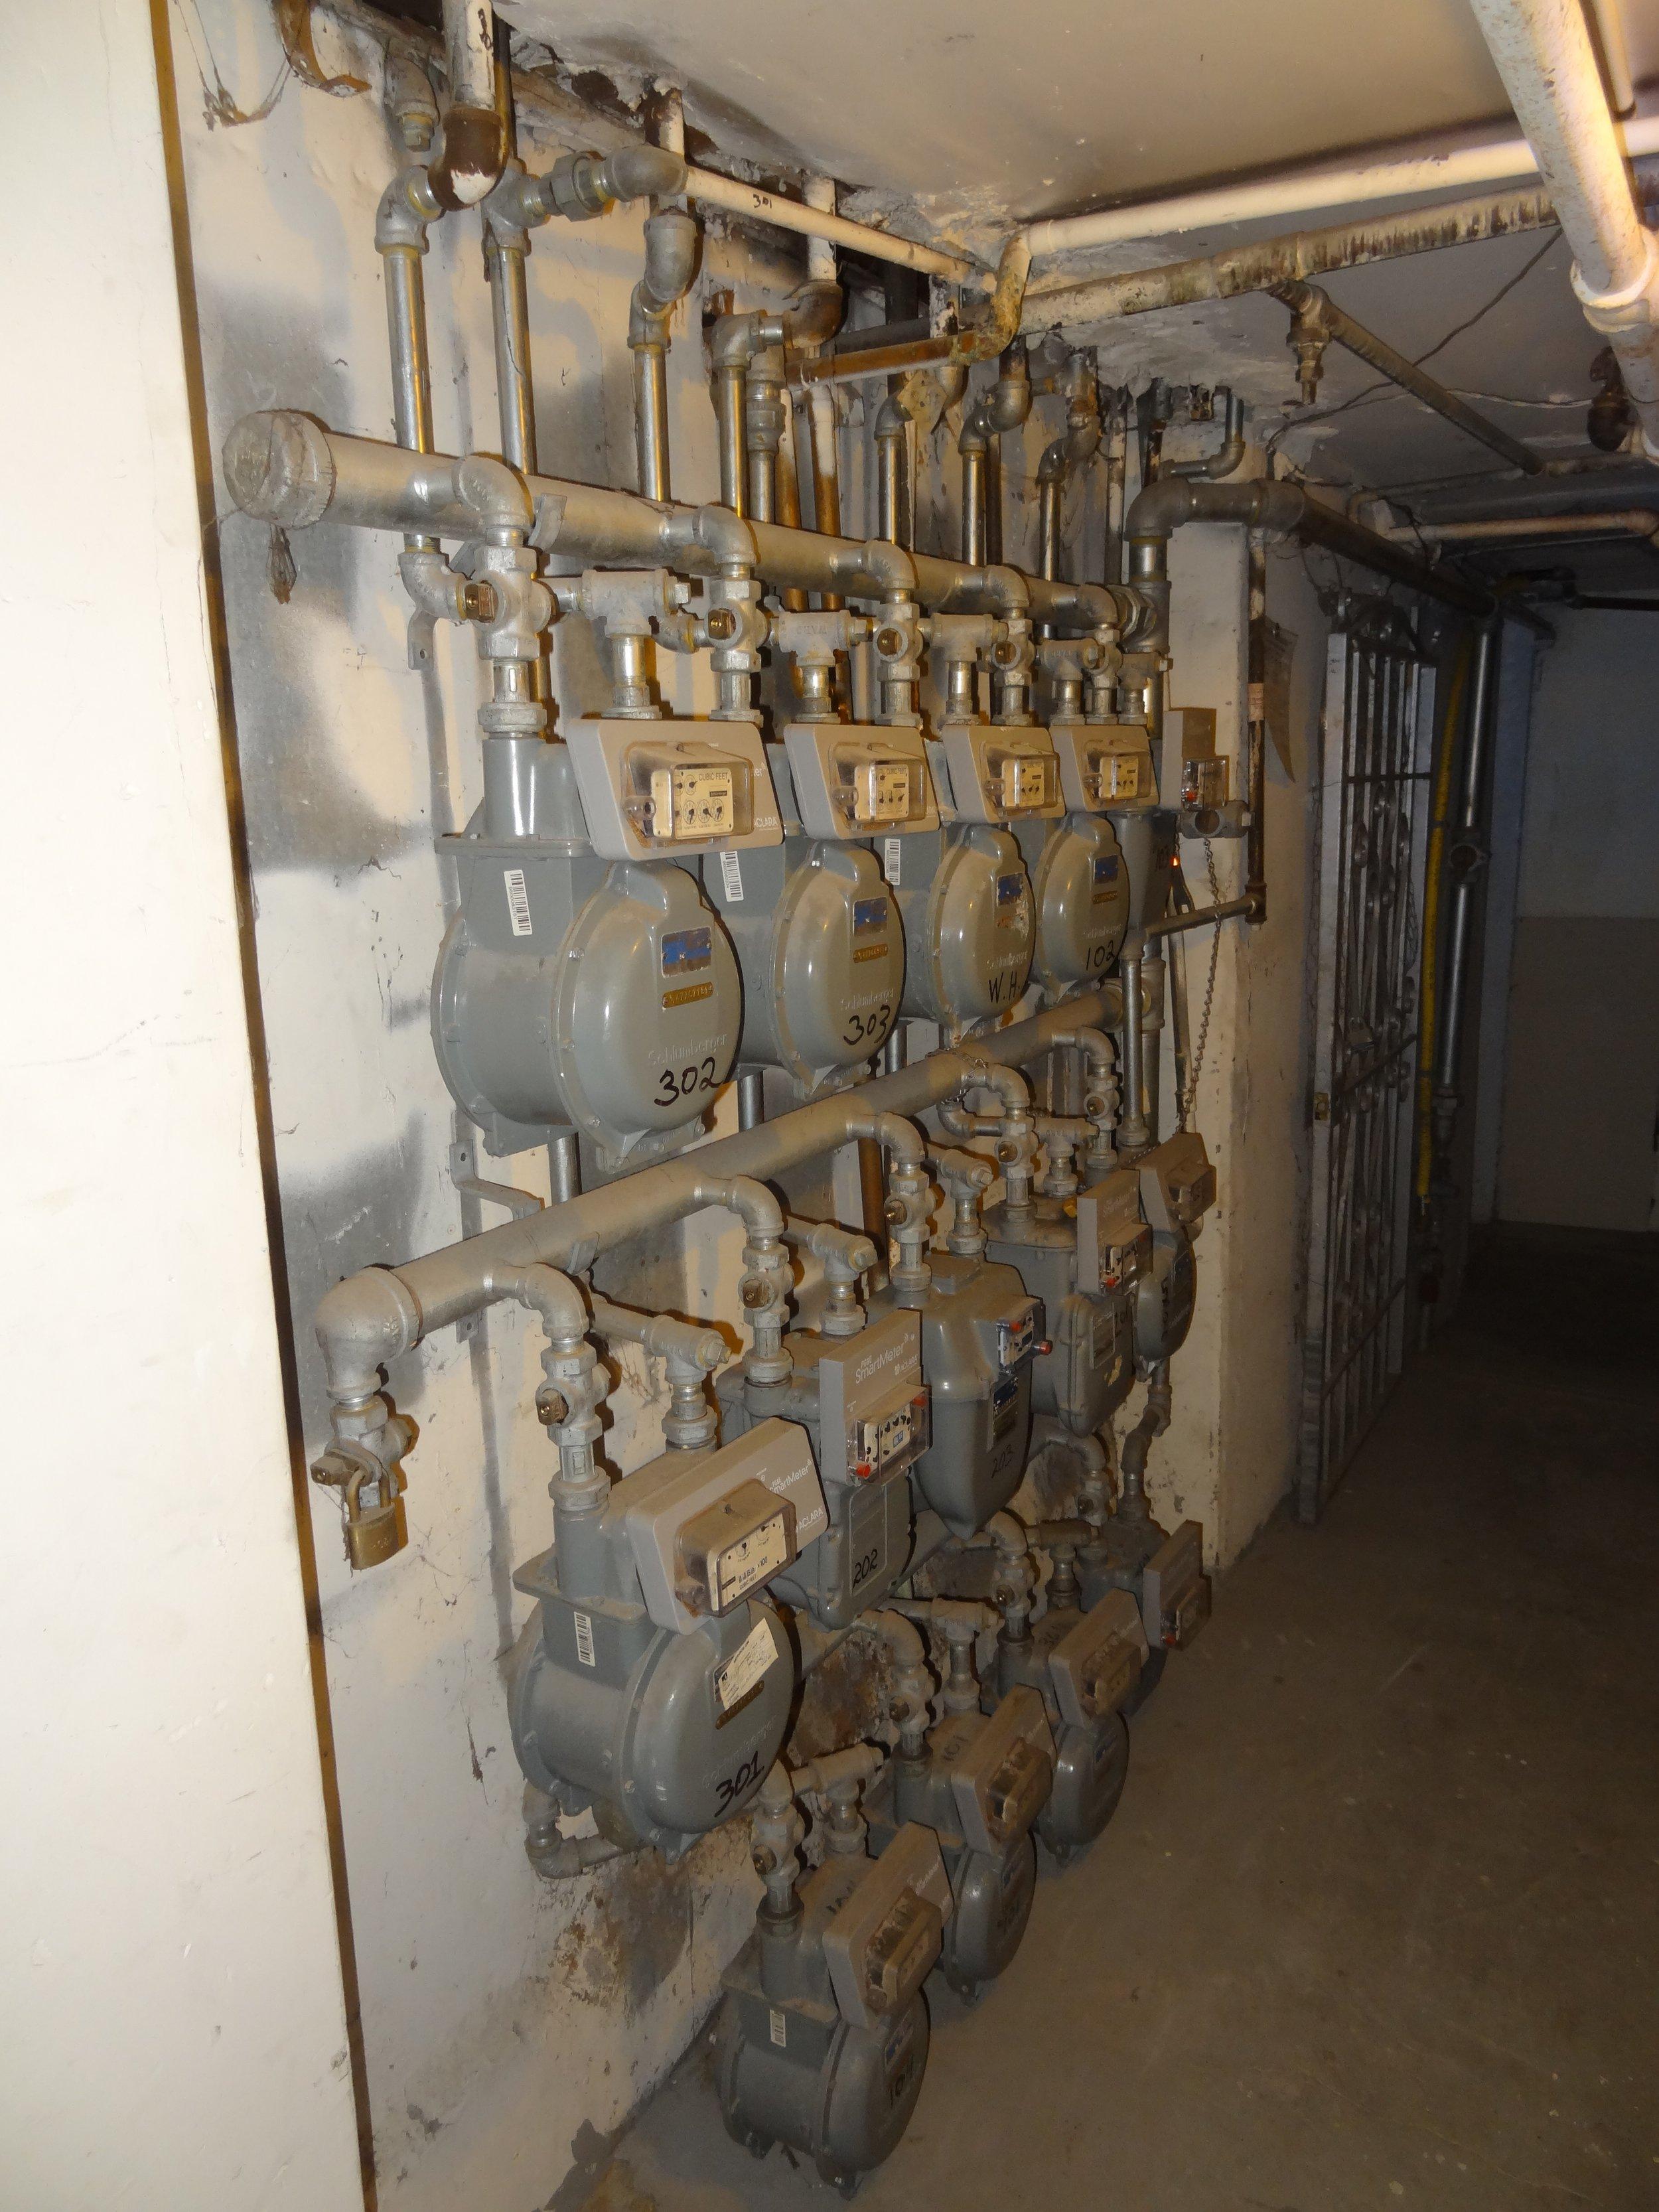 Gas meter terror